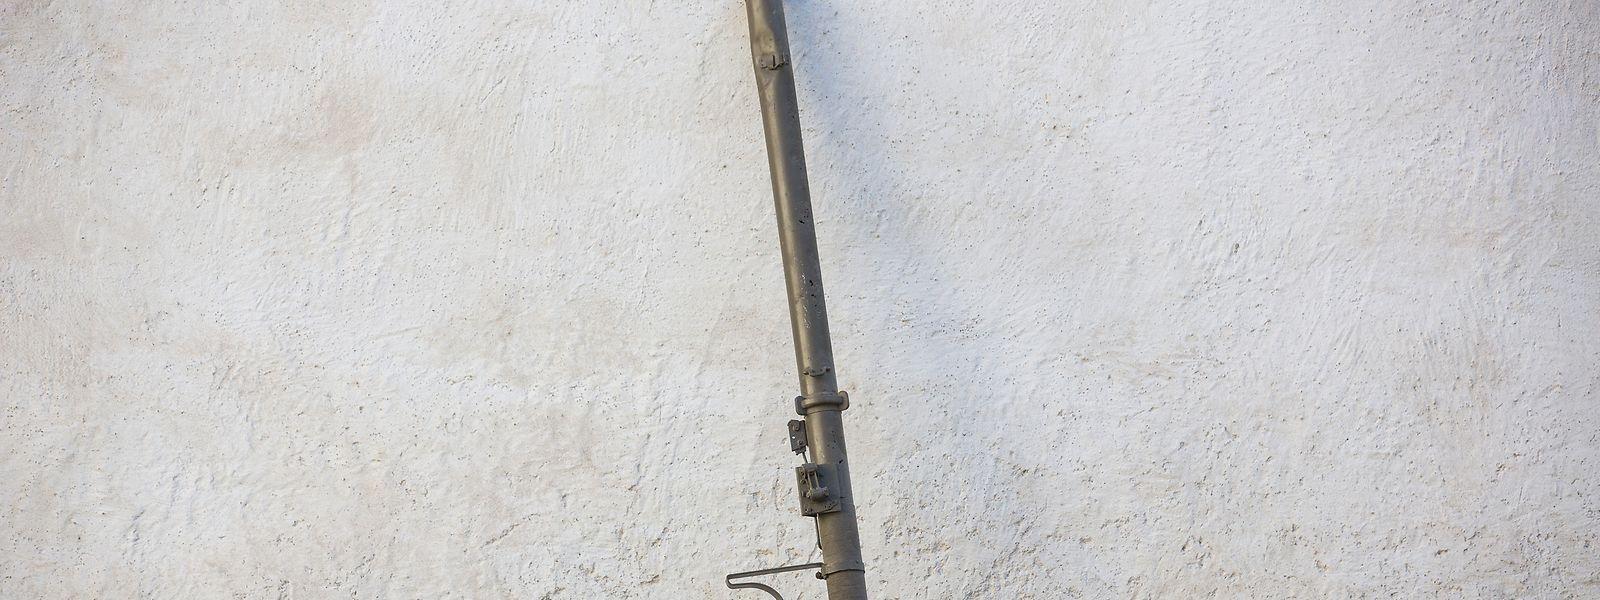 Die Bazooka, eine US-Panzerabwehrwaffe, hat ihren Nahmen von einem posaunenartigen Instrument, das der amerikanische Radio Komiker Bob Burns erfunden haben soll.